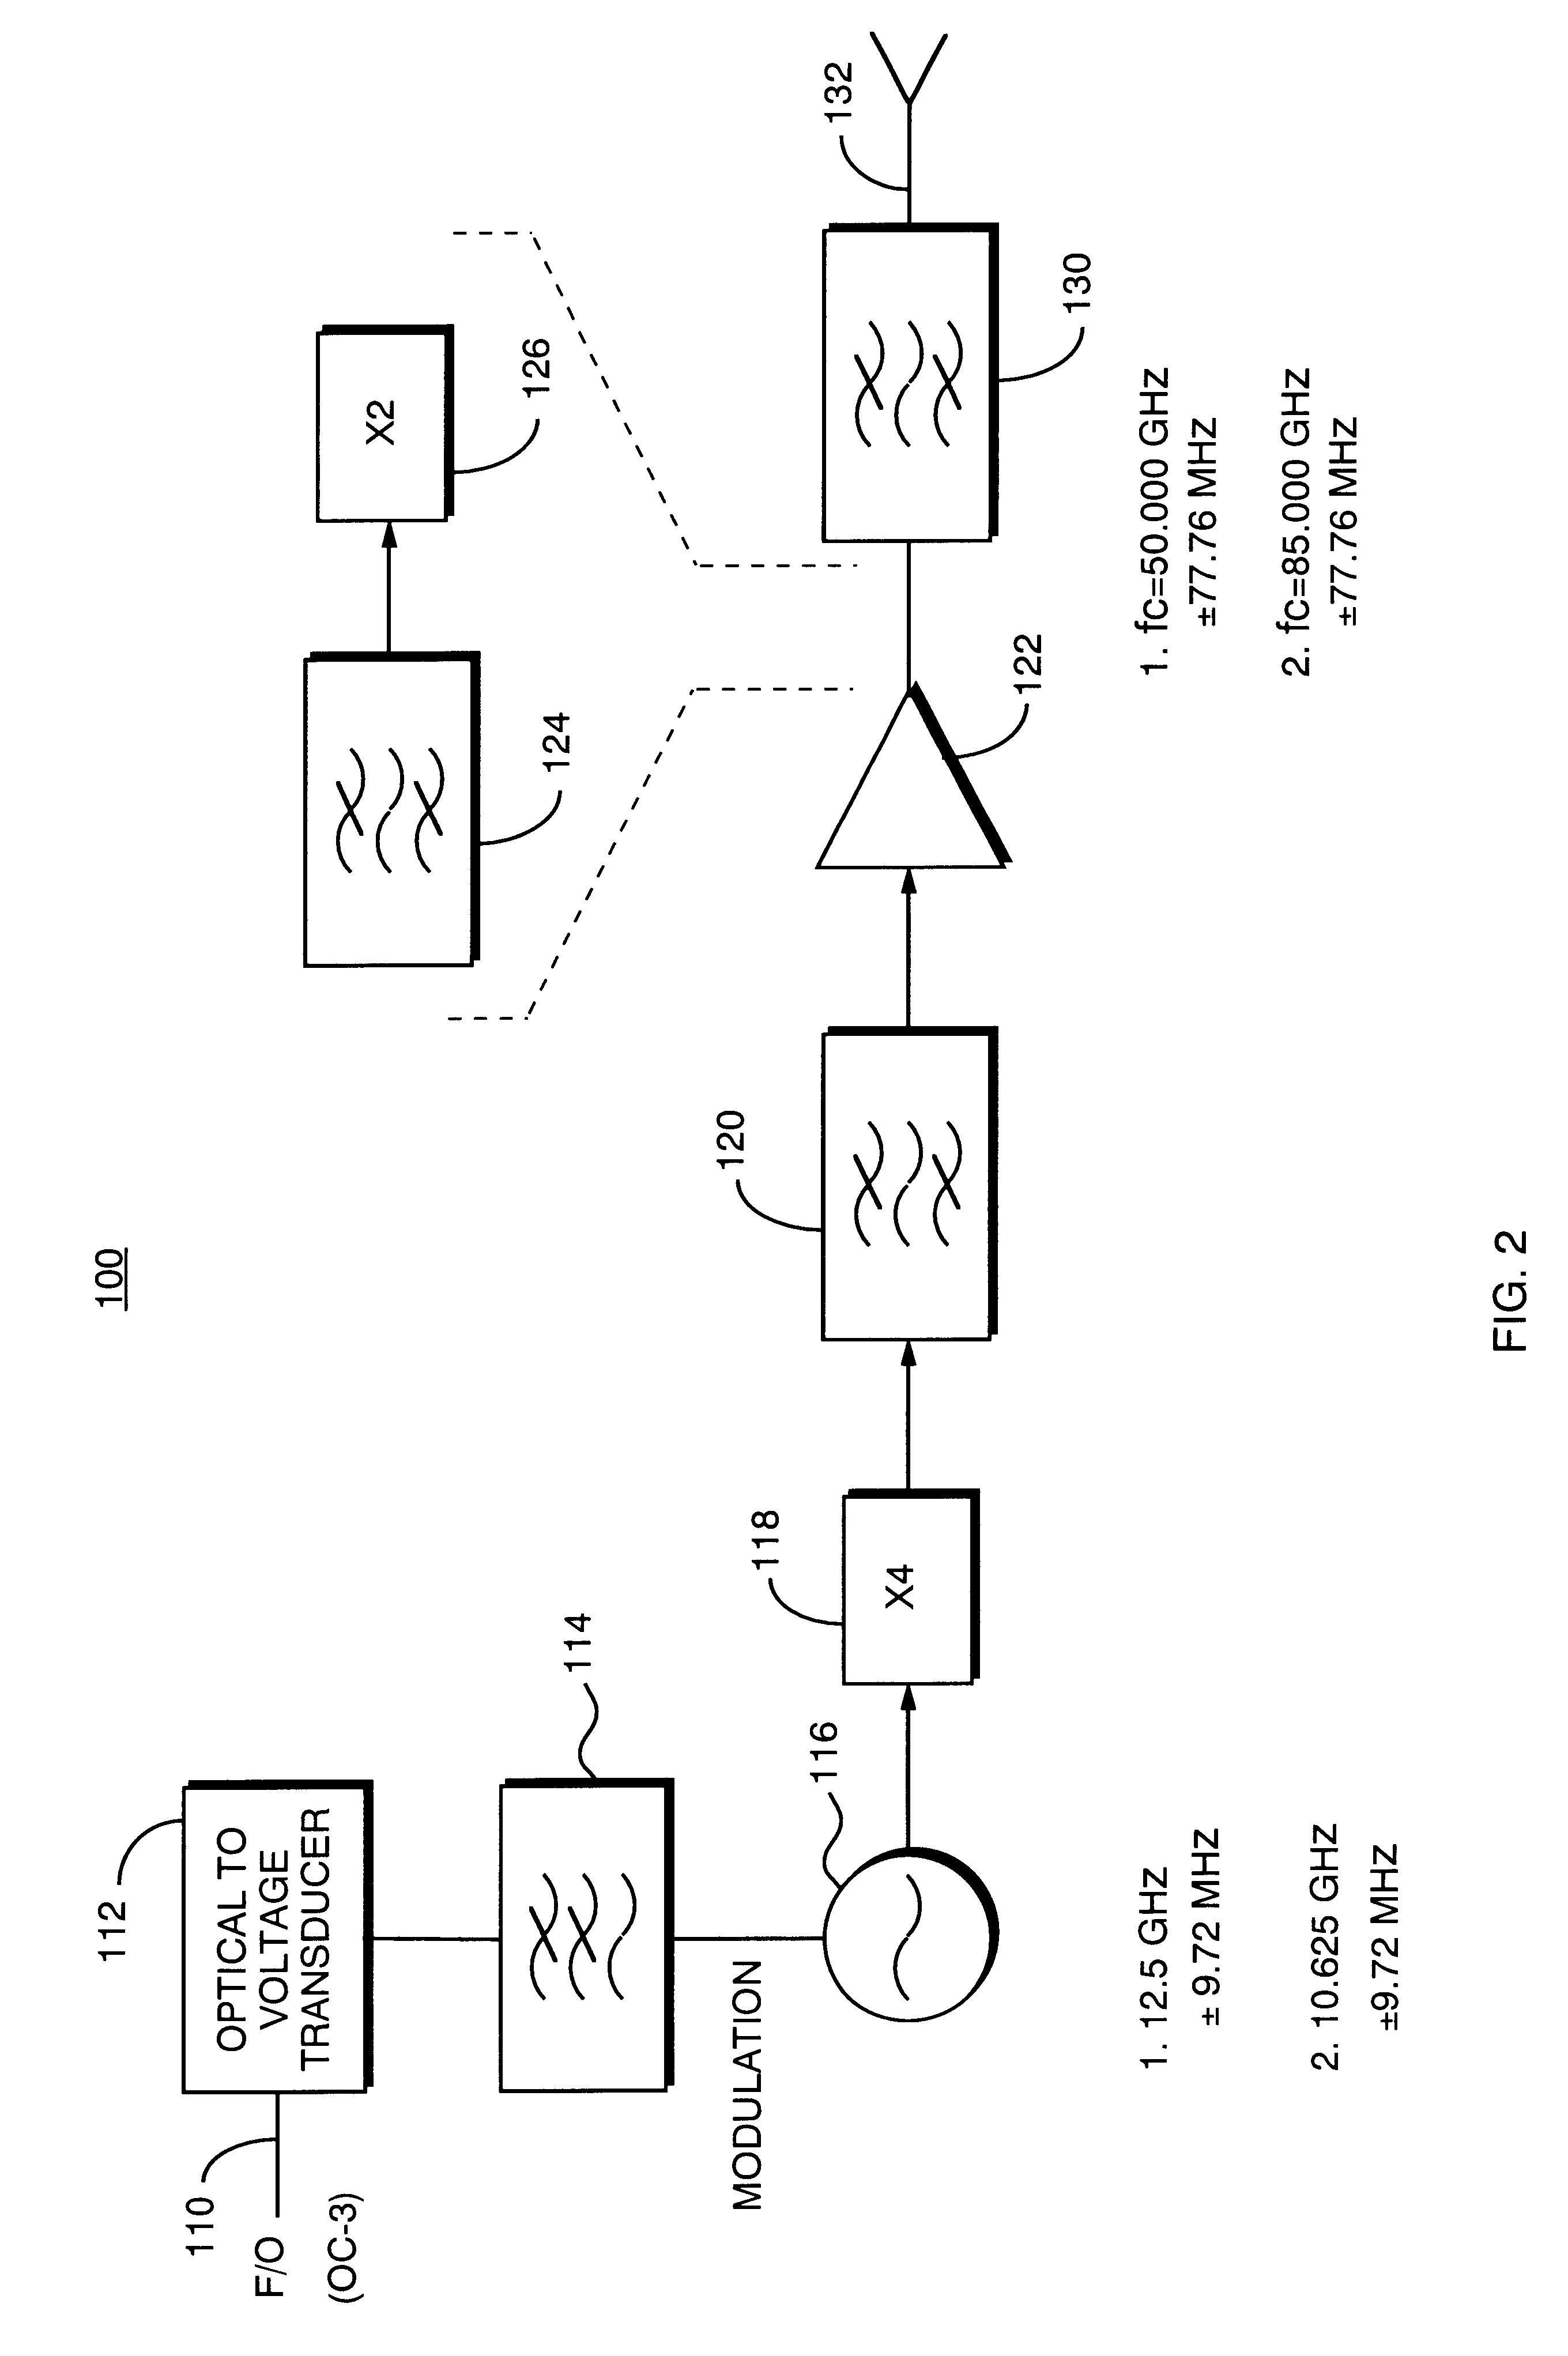 patent us6823178